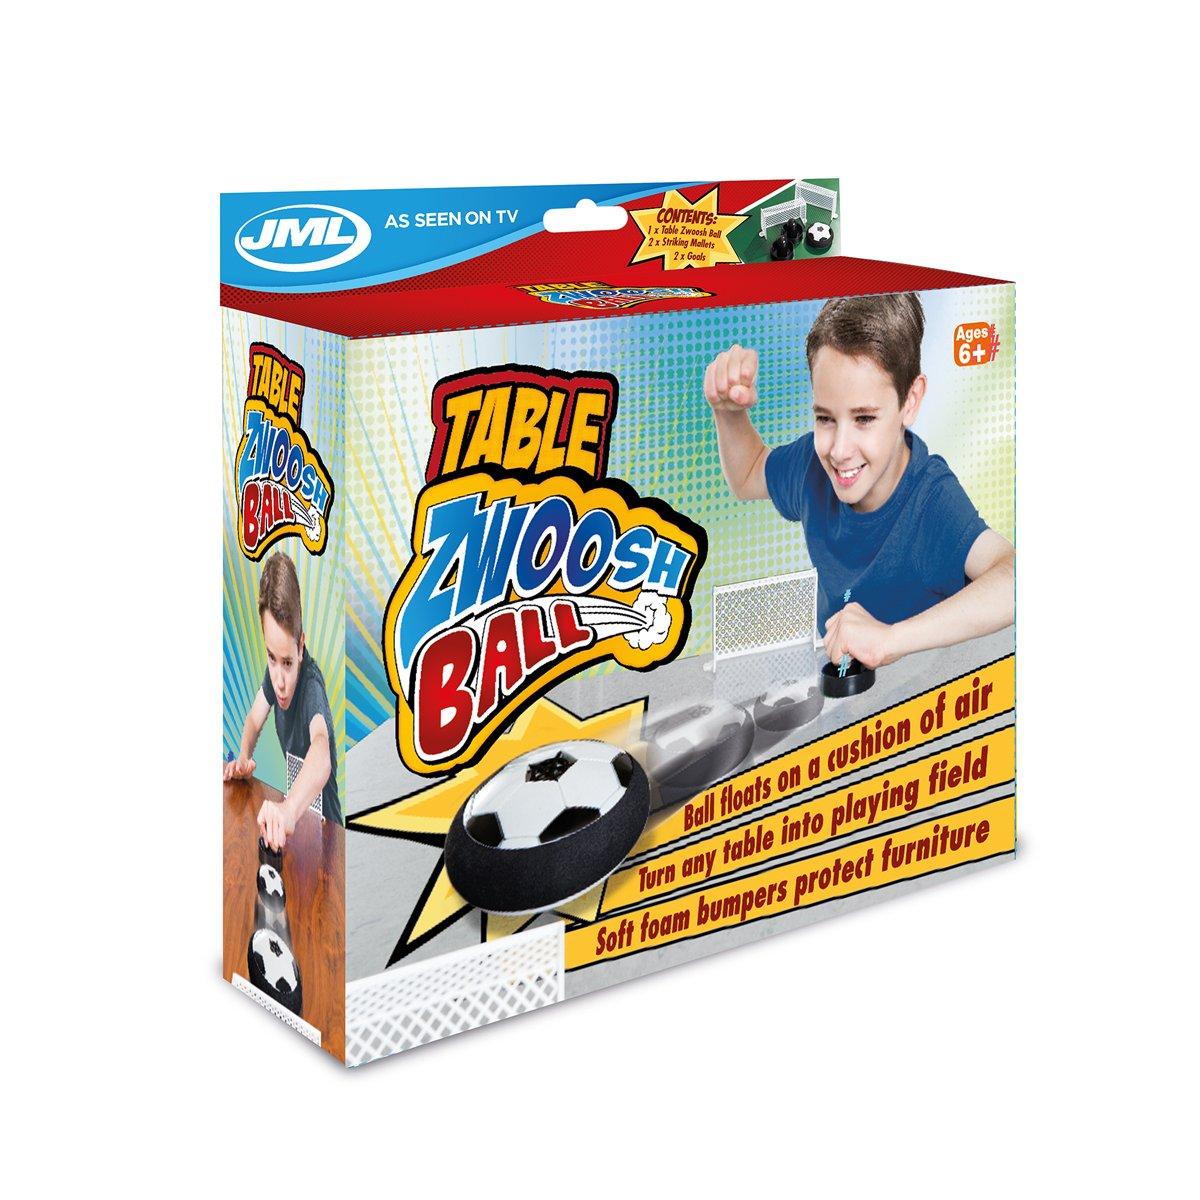 JML Table Zwoosh Ball Fun Air Hockey Table Game with Air Padding Cushion Ball 5020044800768